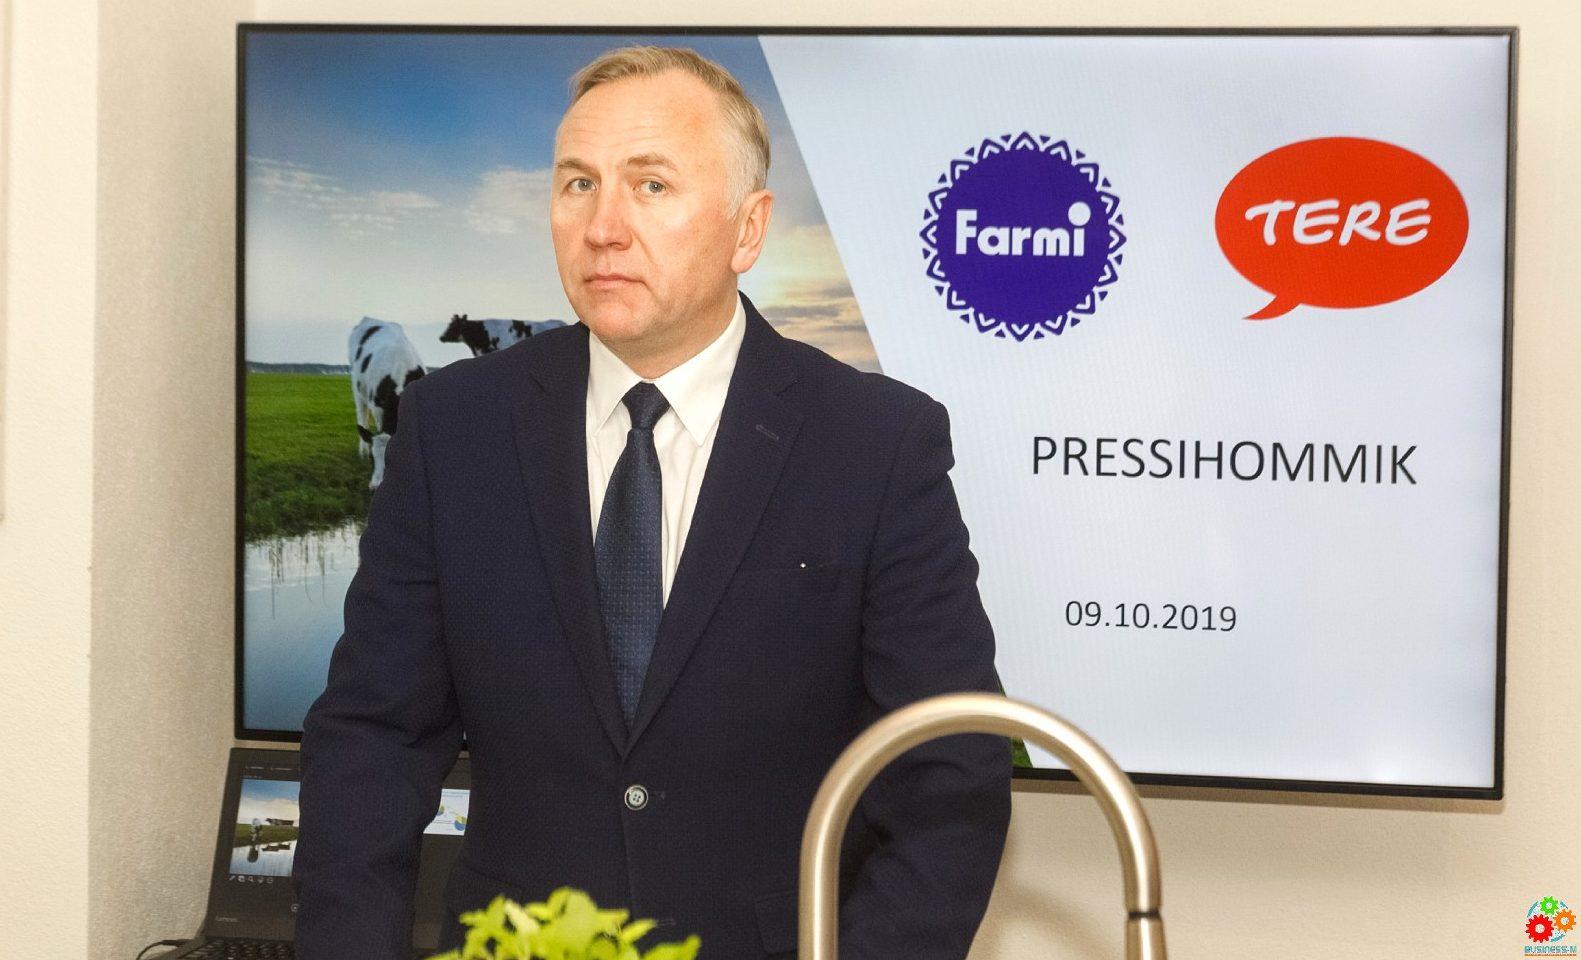 Юло Кивине: государство, которое не помогает своим фермерам, уничтожает сельское хозяйство